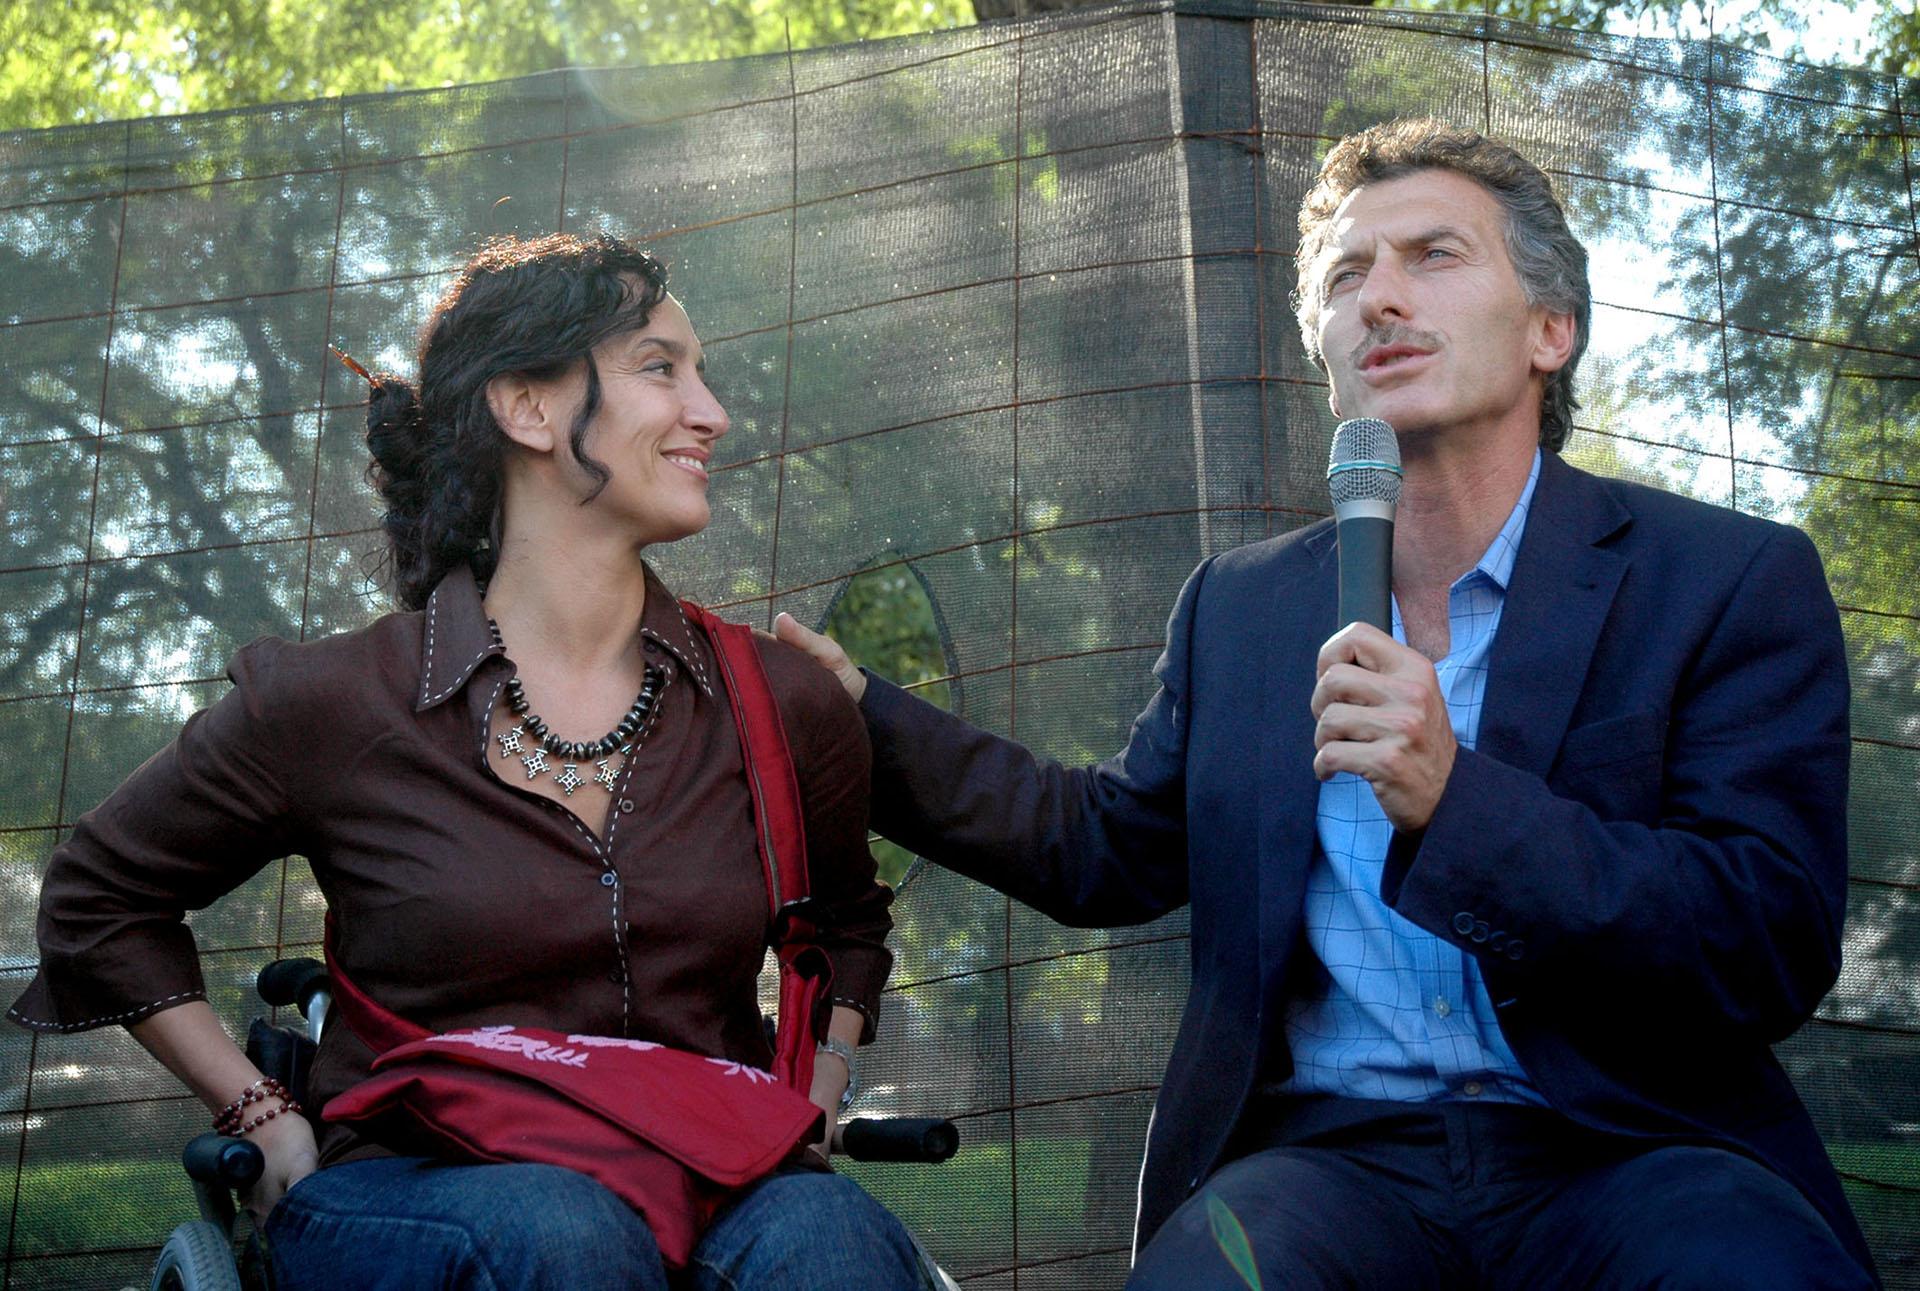 2007. Nuevamente candidato a jefe de Gobierno. Macri presenta aGabriela Michetti como su compañera de fórmula para las eleccionesde ese año.